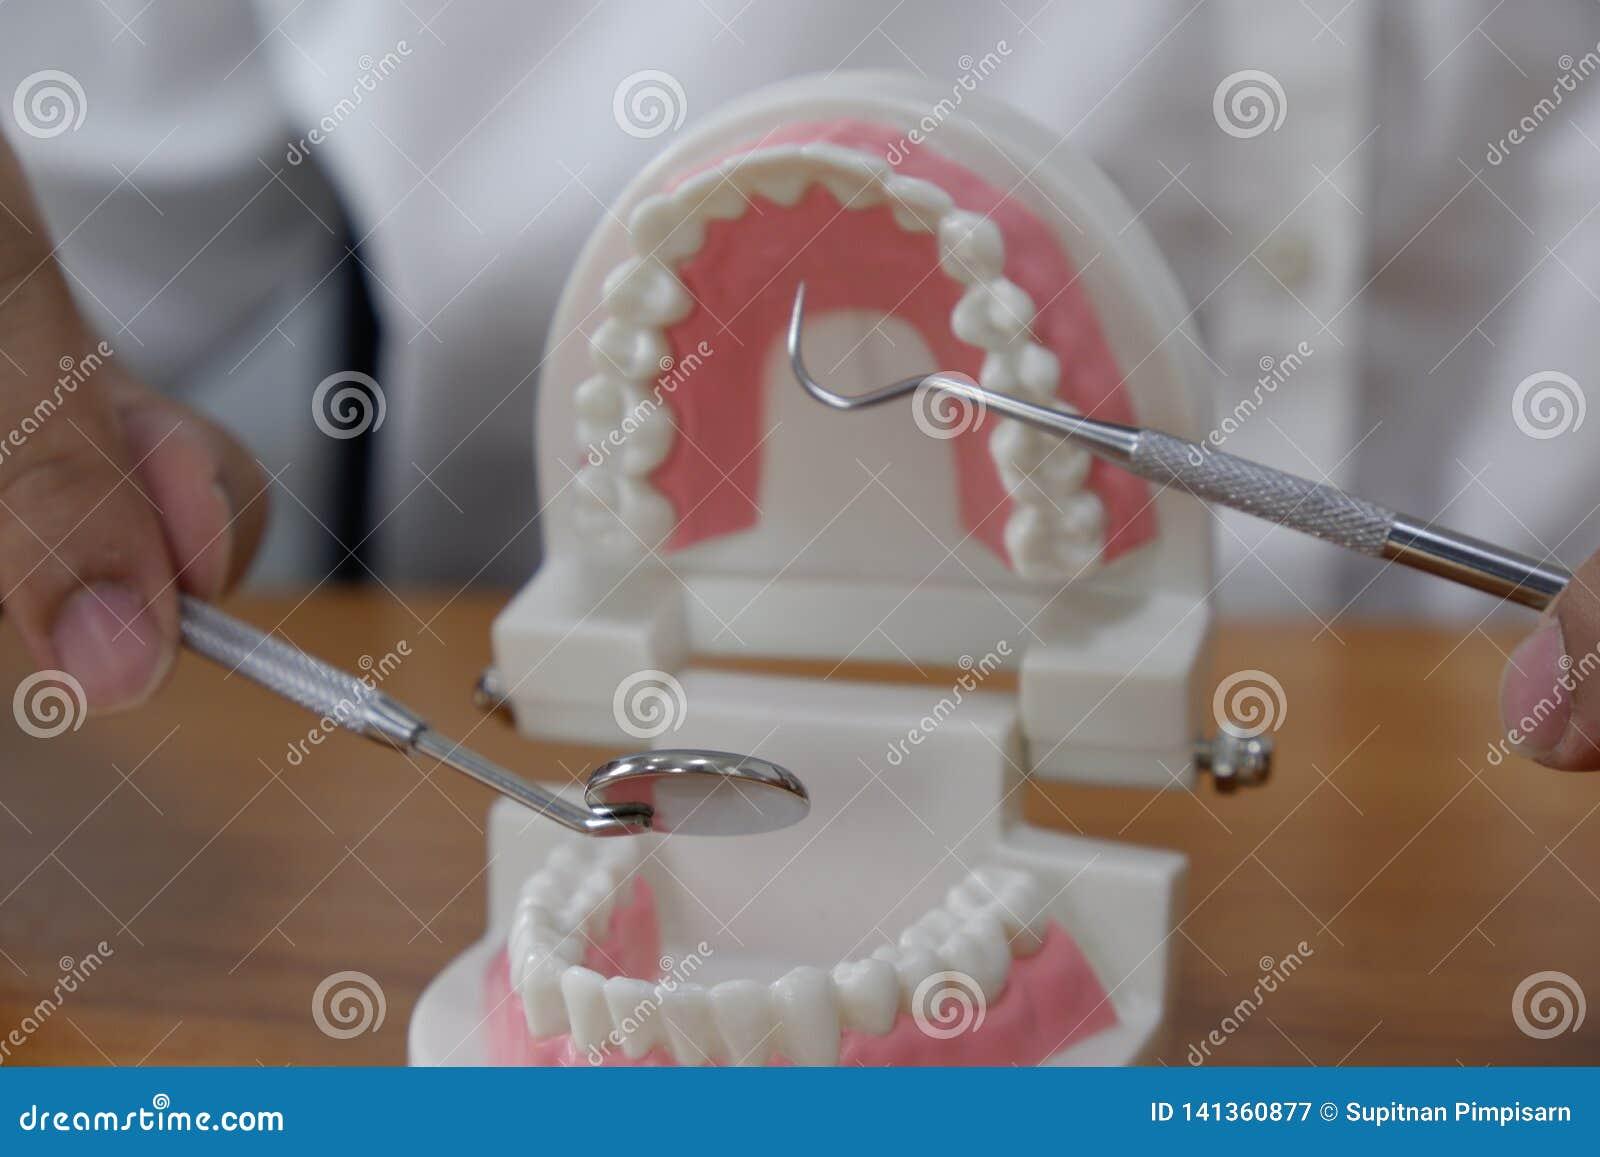 Dentysta używa narzędzia na zębach modeluje w stomatologicznego office/kliniki, stomatologicznego i medycznego pojęciu fachowym s